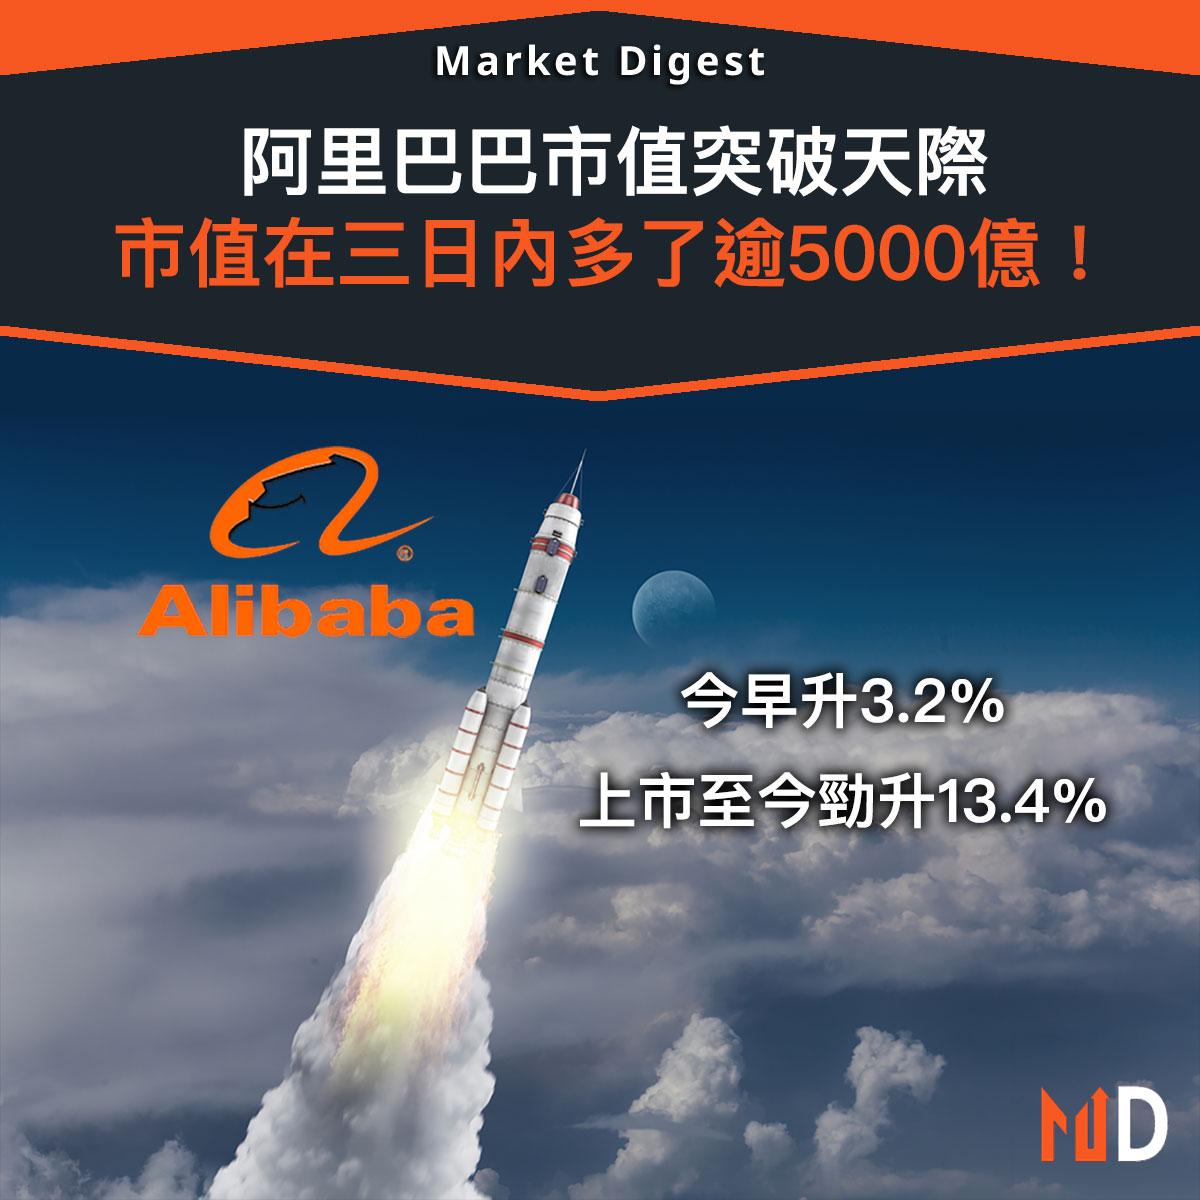 【市場熱話】阿里巴巴市值突破天際,市值在三日內多了逾5000億!